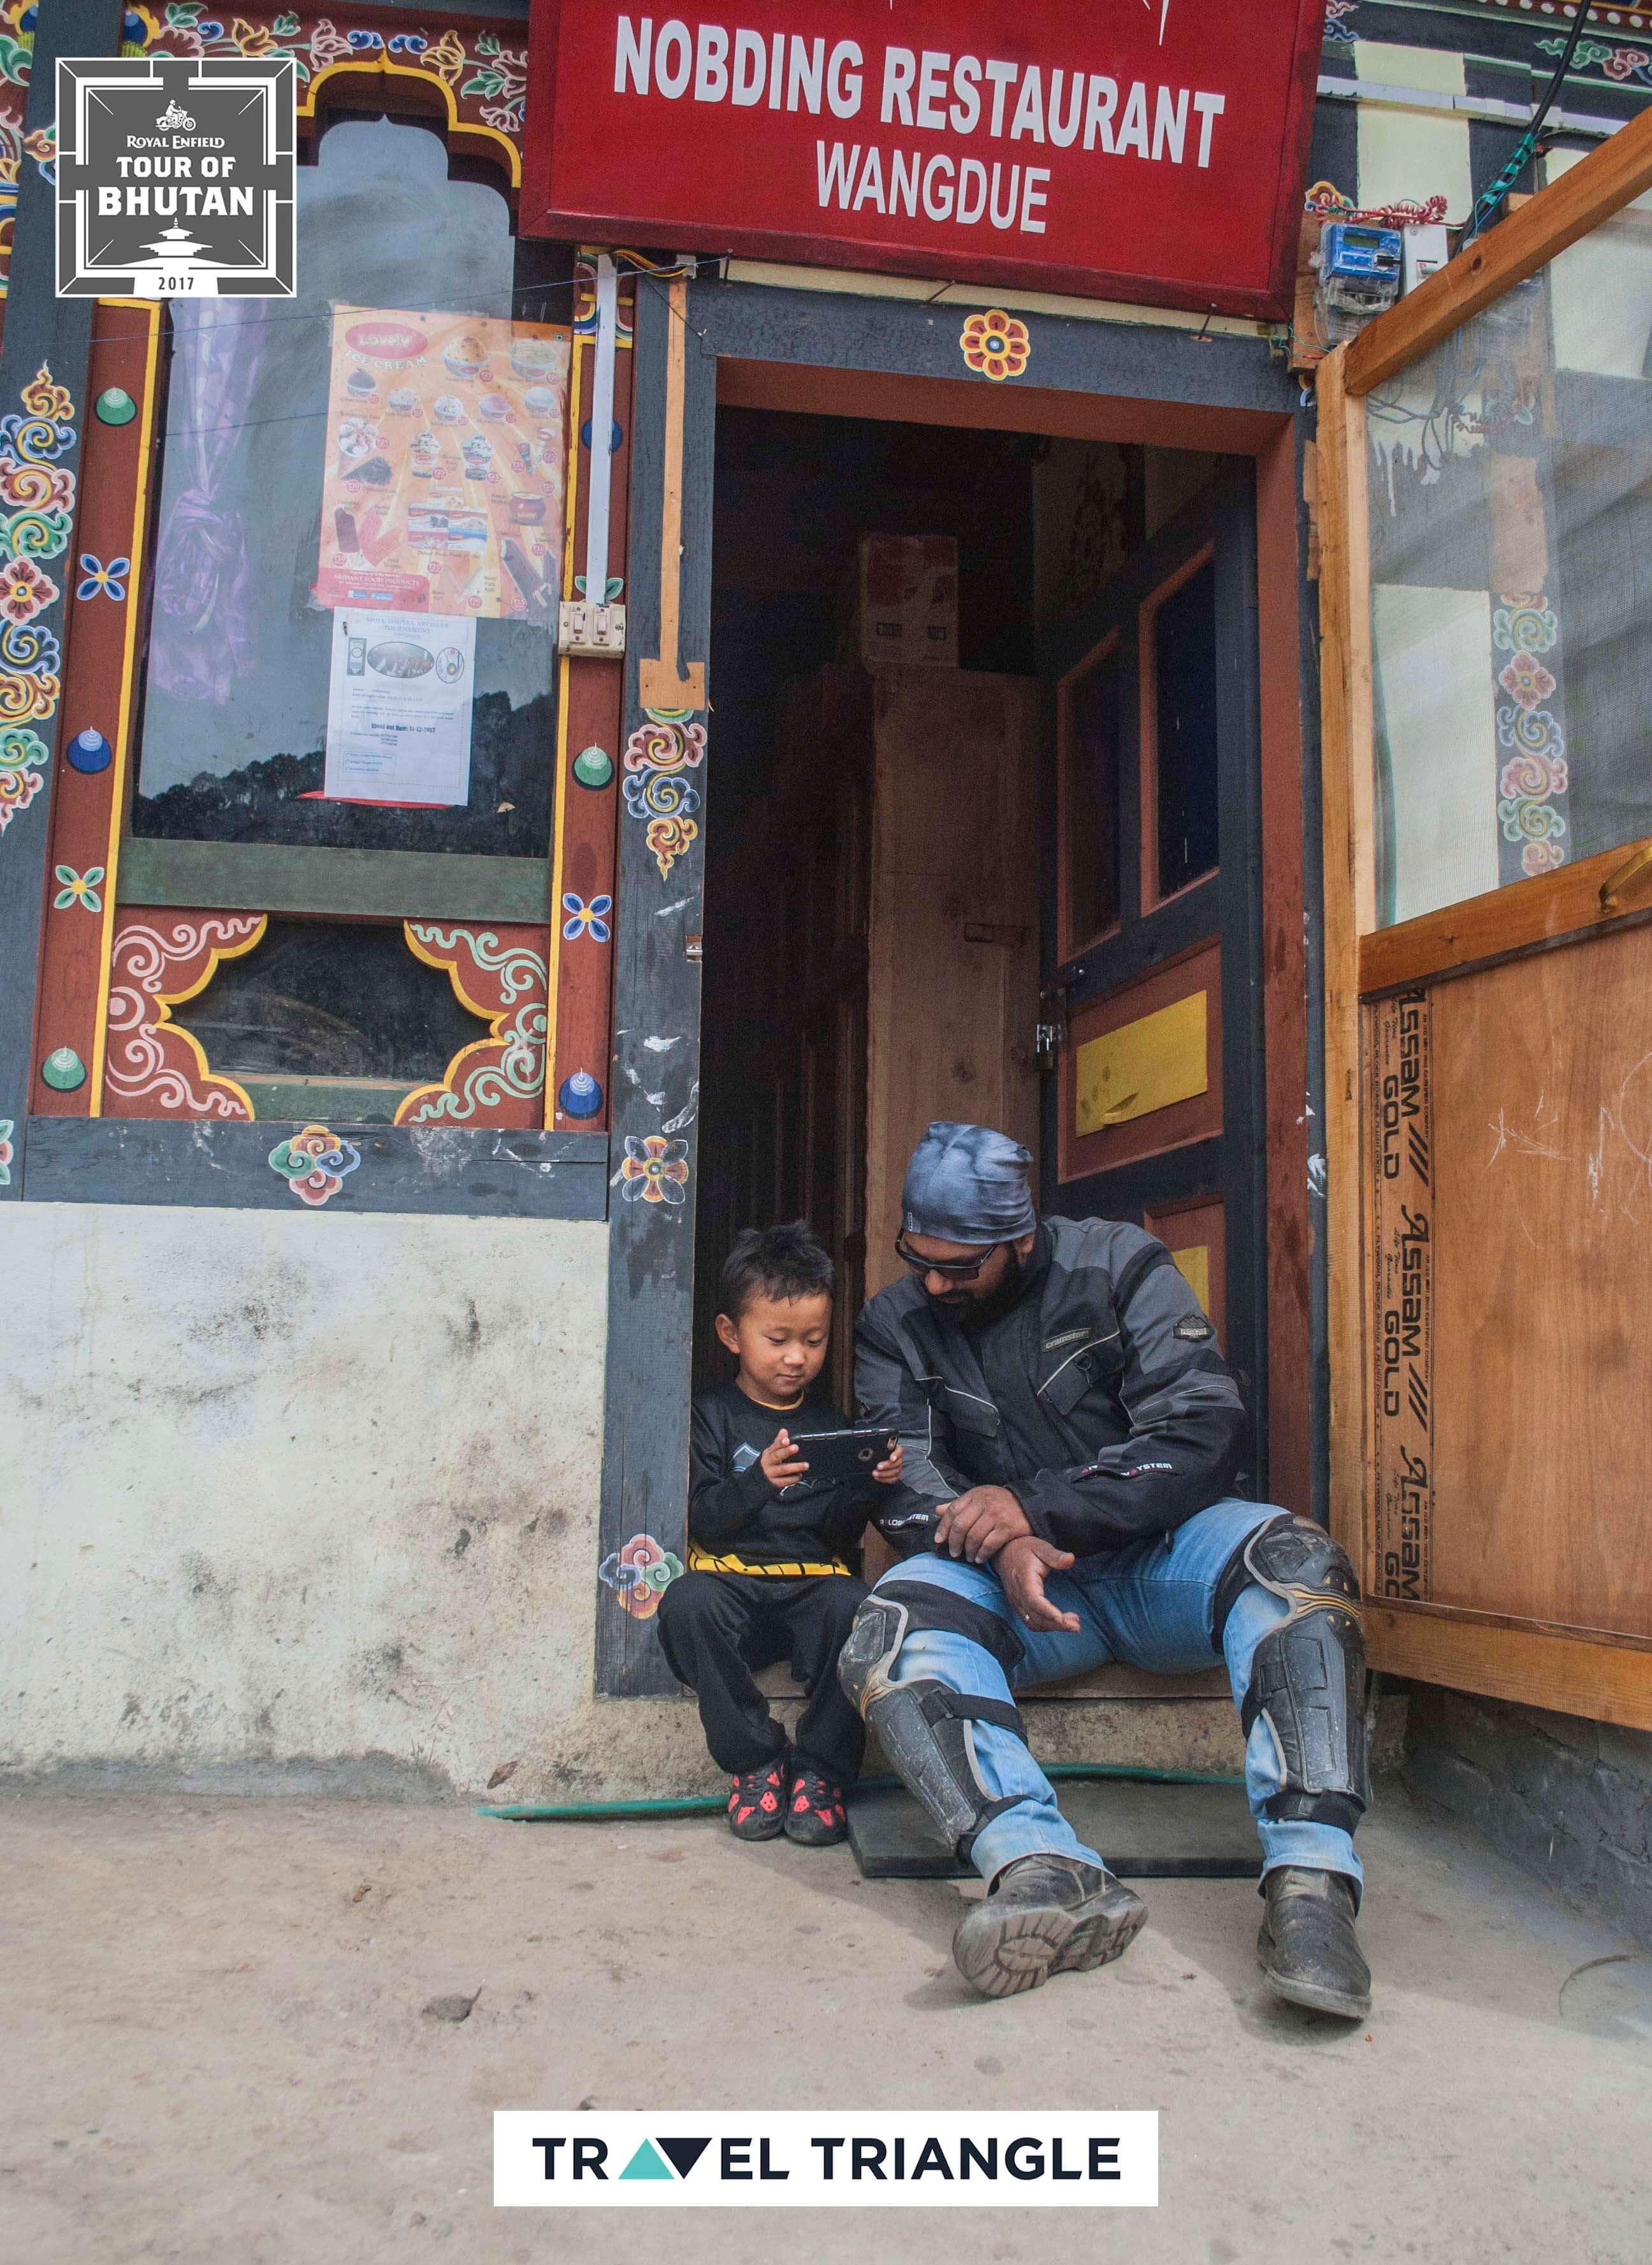 Punakha to Phobjikha: meeting locals at shops